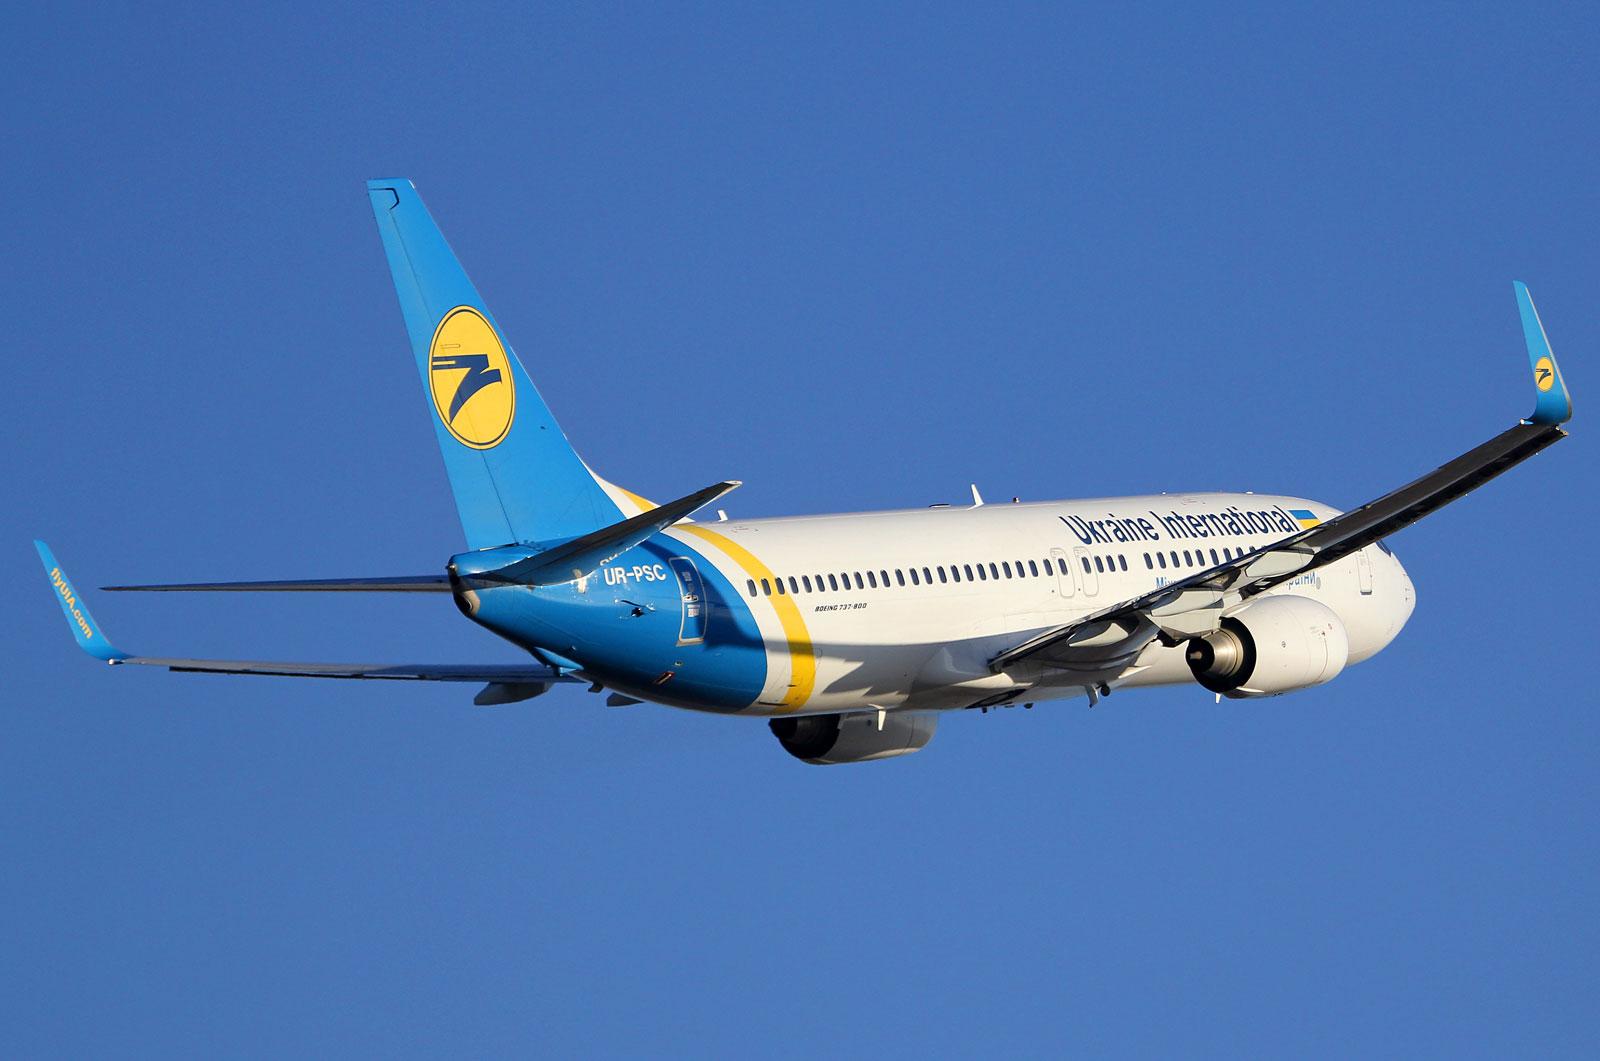 Авиакомпания МАУ объявила о грандиозной распродаже 30 000 билетов в день введения безвиза с ЕС